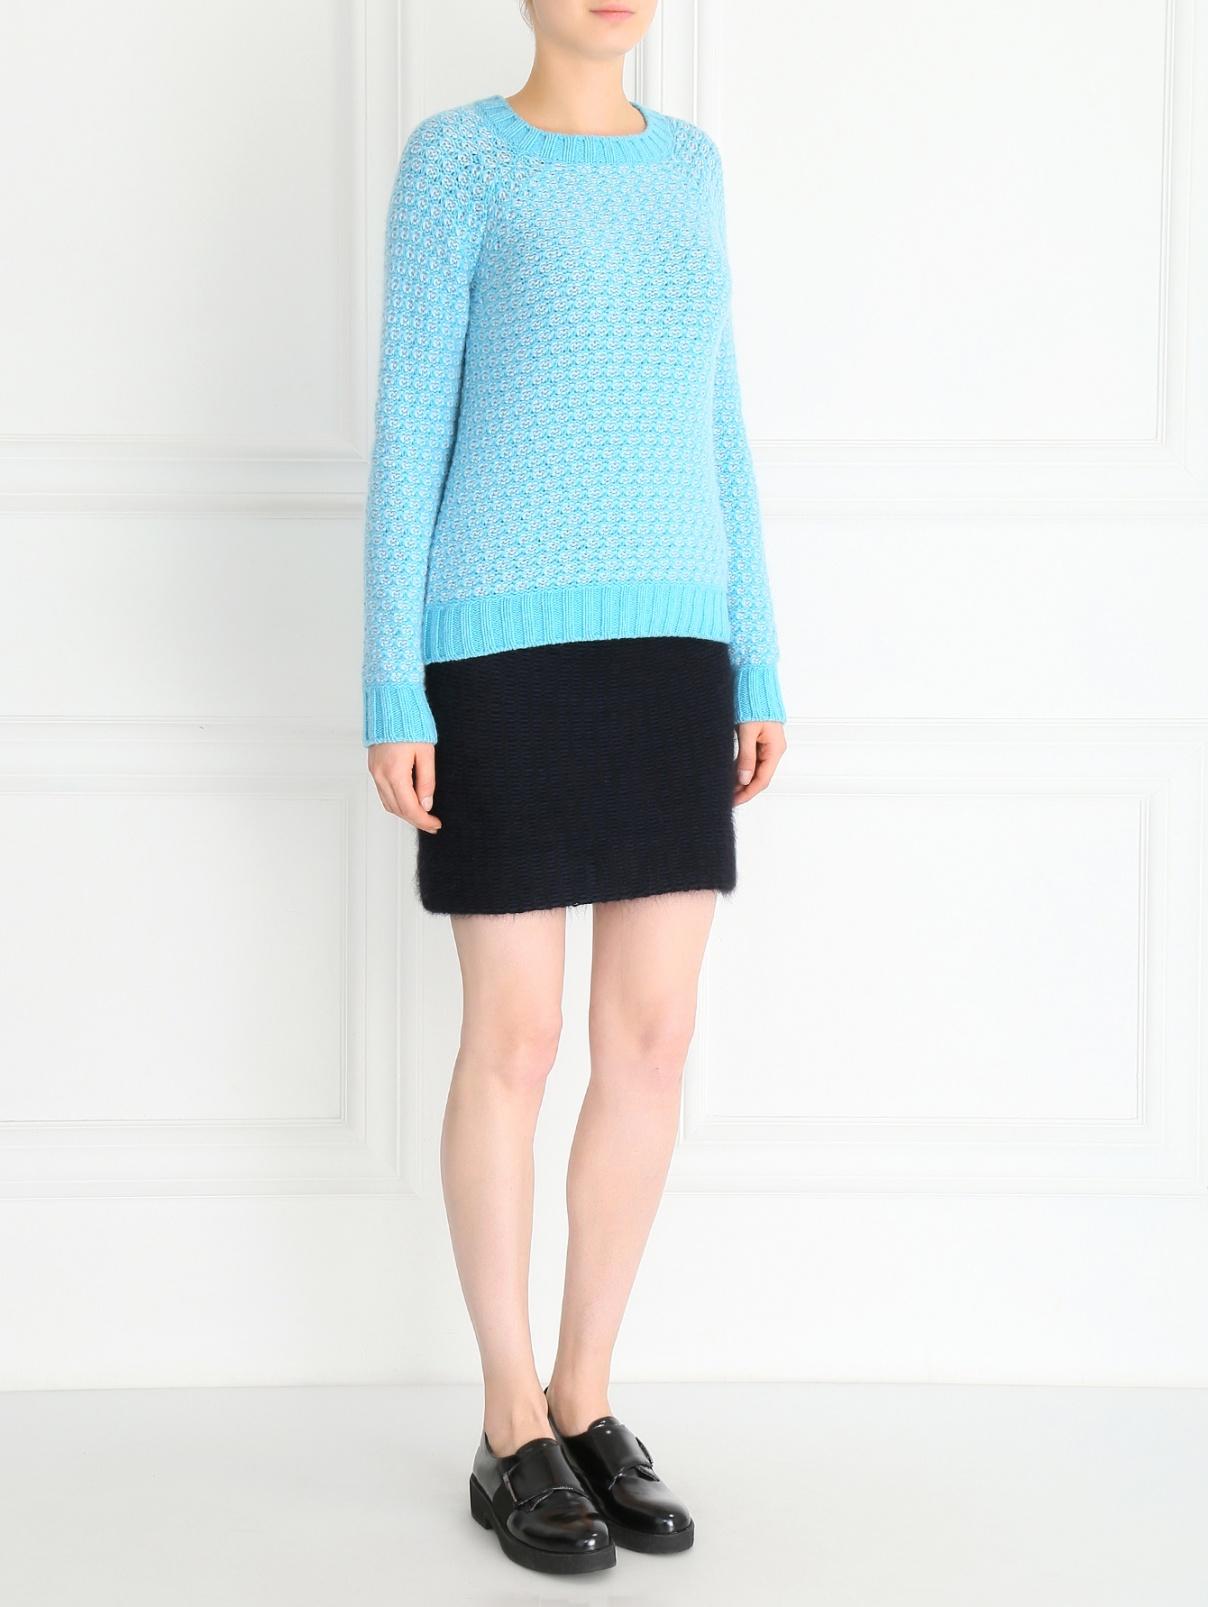 Свитер из кашемира мелкой вязки Fedeli  –  Модель Общий вид  – Цвет:  Синий